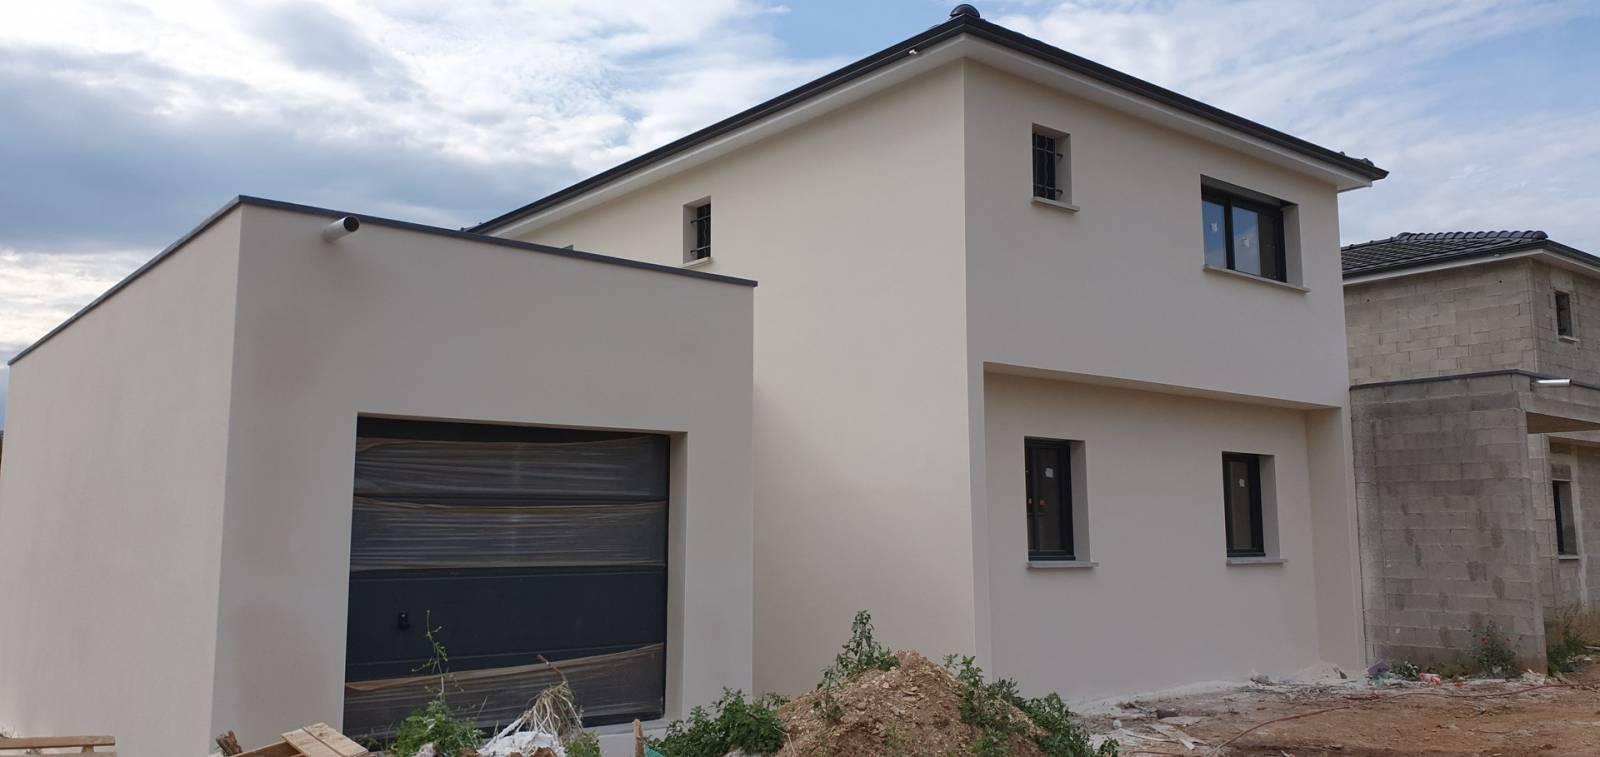 Prix d'un ravalement de façade pour une maison de 100m2 - Artisan pour ravalement de façade à ...